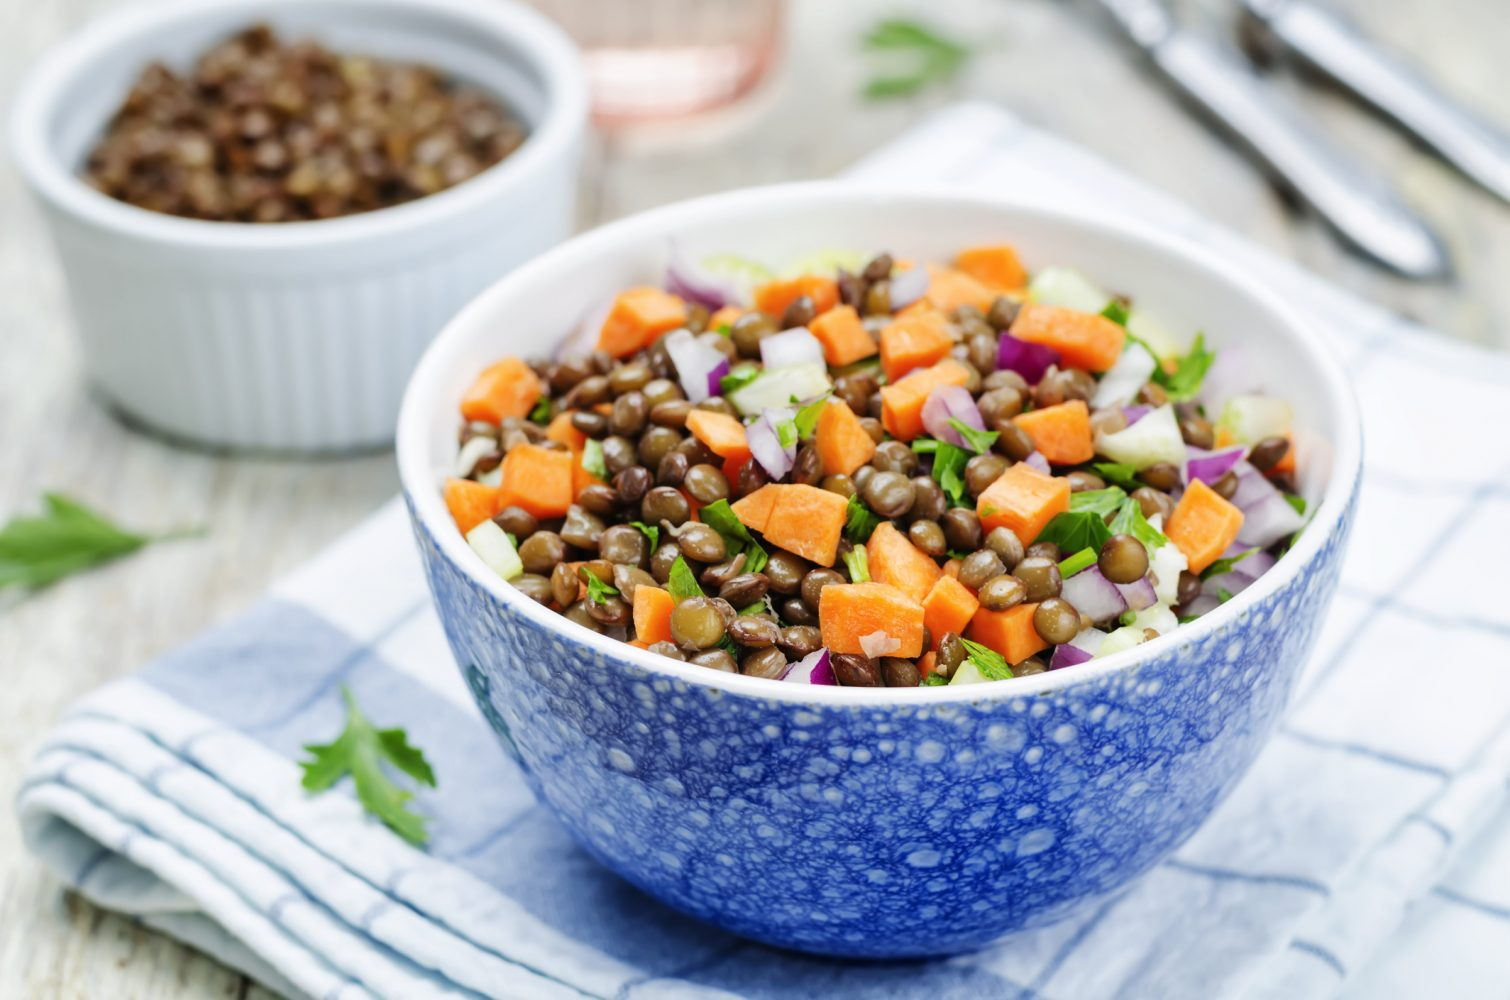 Ensalada de lentejas y zanahoria